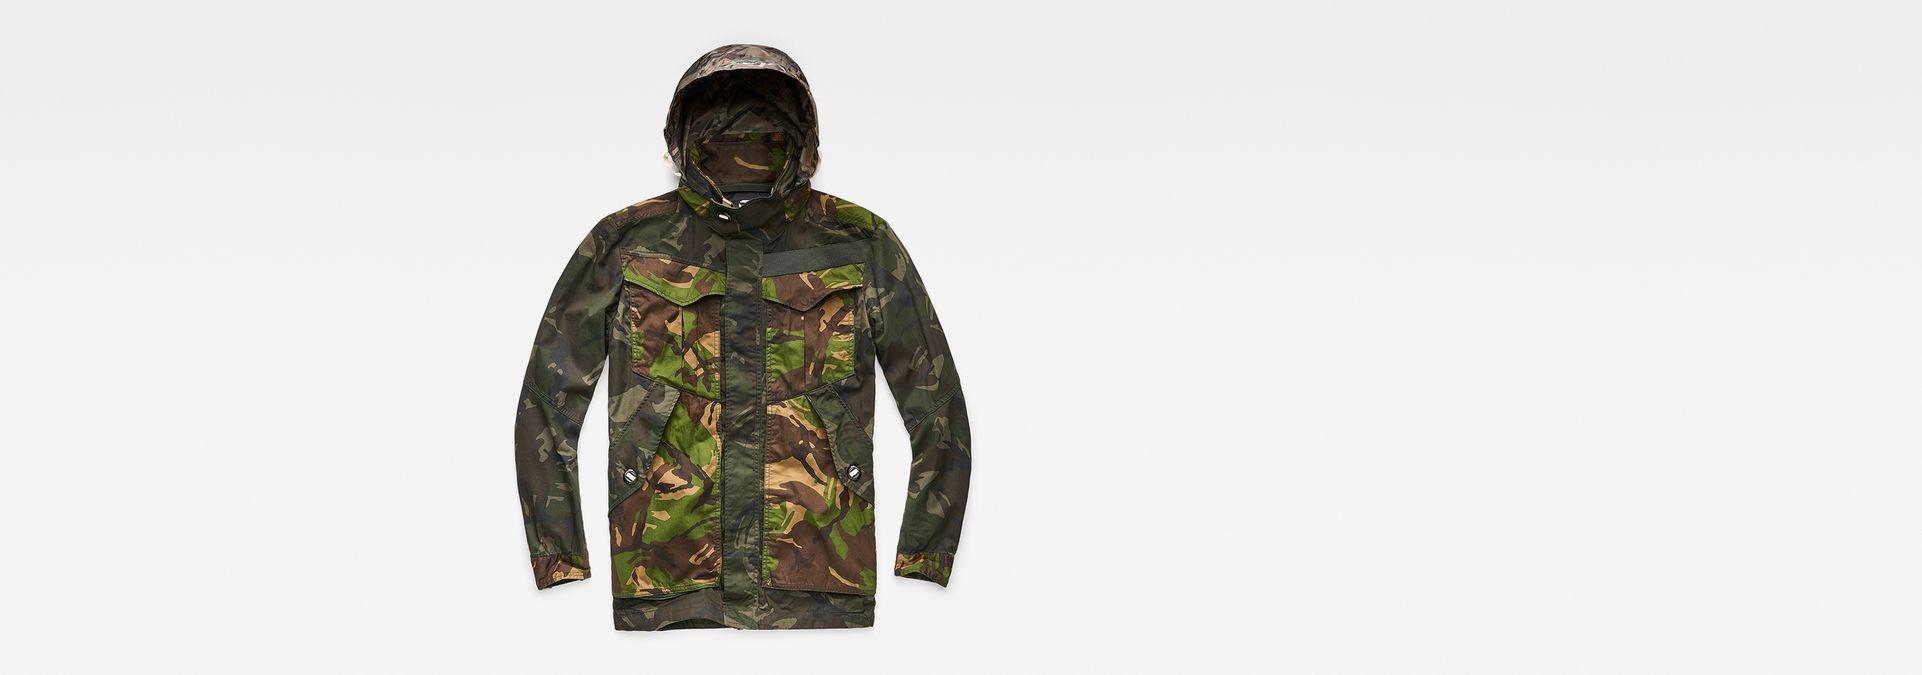 RC Deline Field Jacket